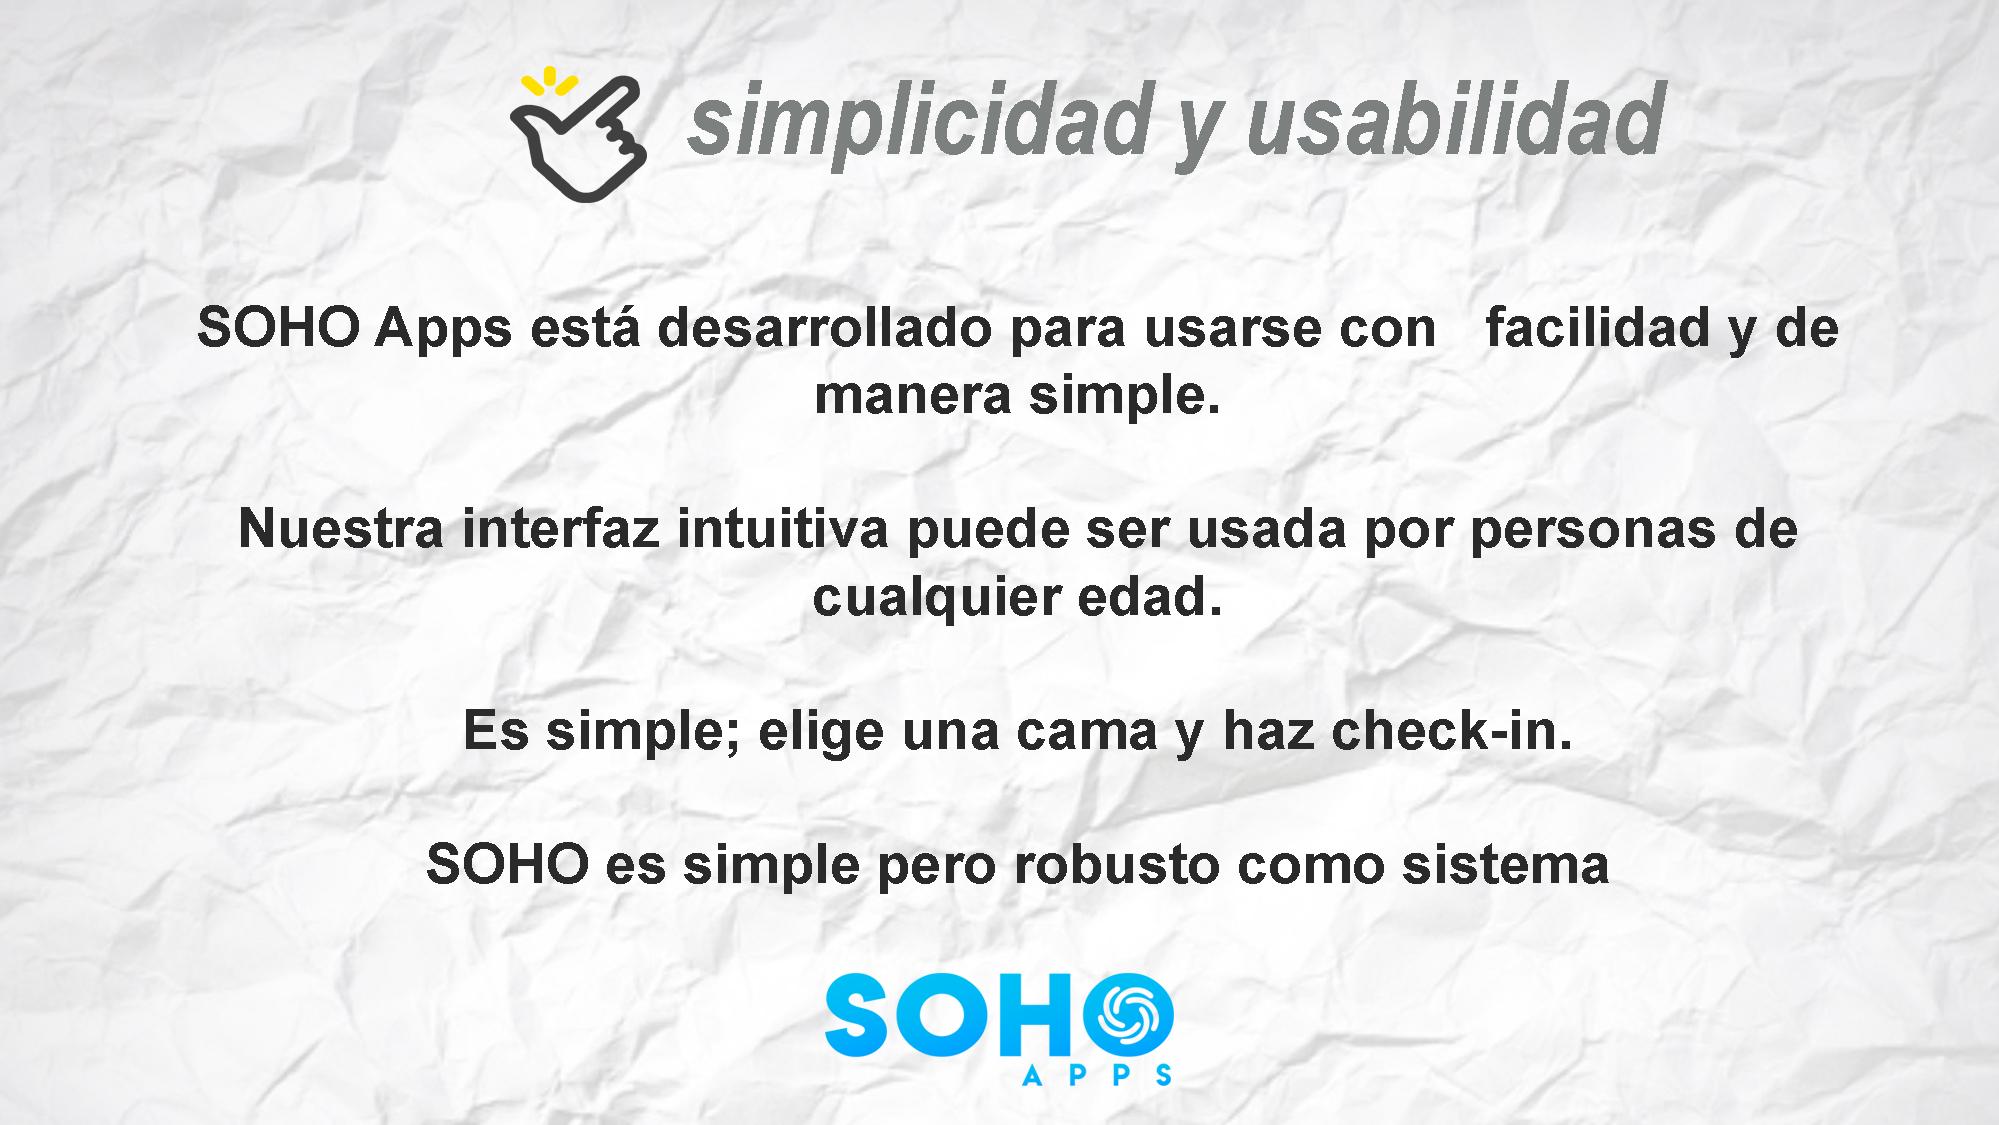 soho apps esta desarrollado para usarse con facilidad y de manera simple. Nuestra interfaz intuitiva puede ser usada por personas de cualquier edad.  Es simple, elija una habitación y haga check in. Soho es simple pero robusto como sistema.